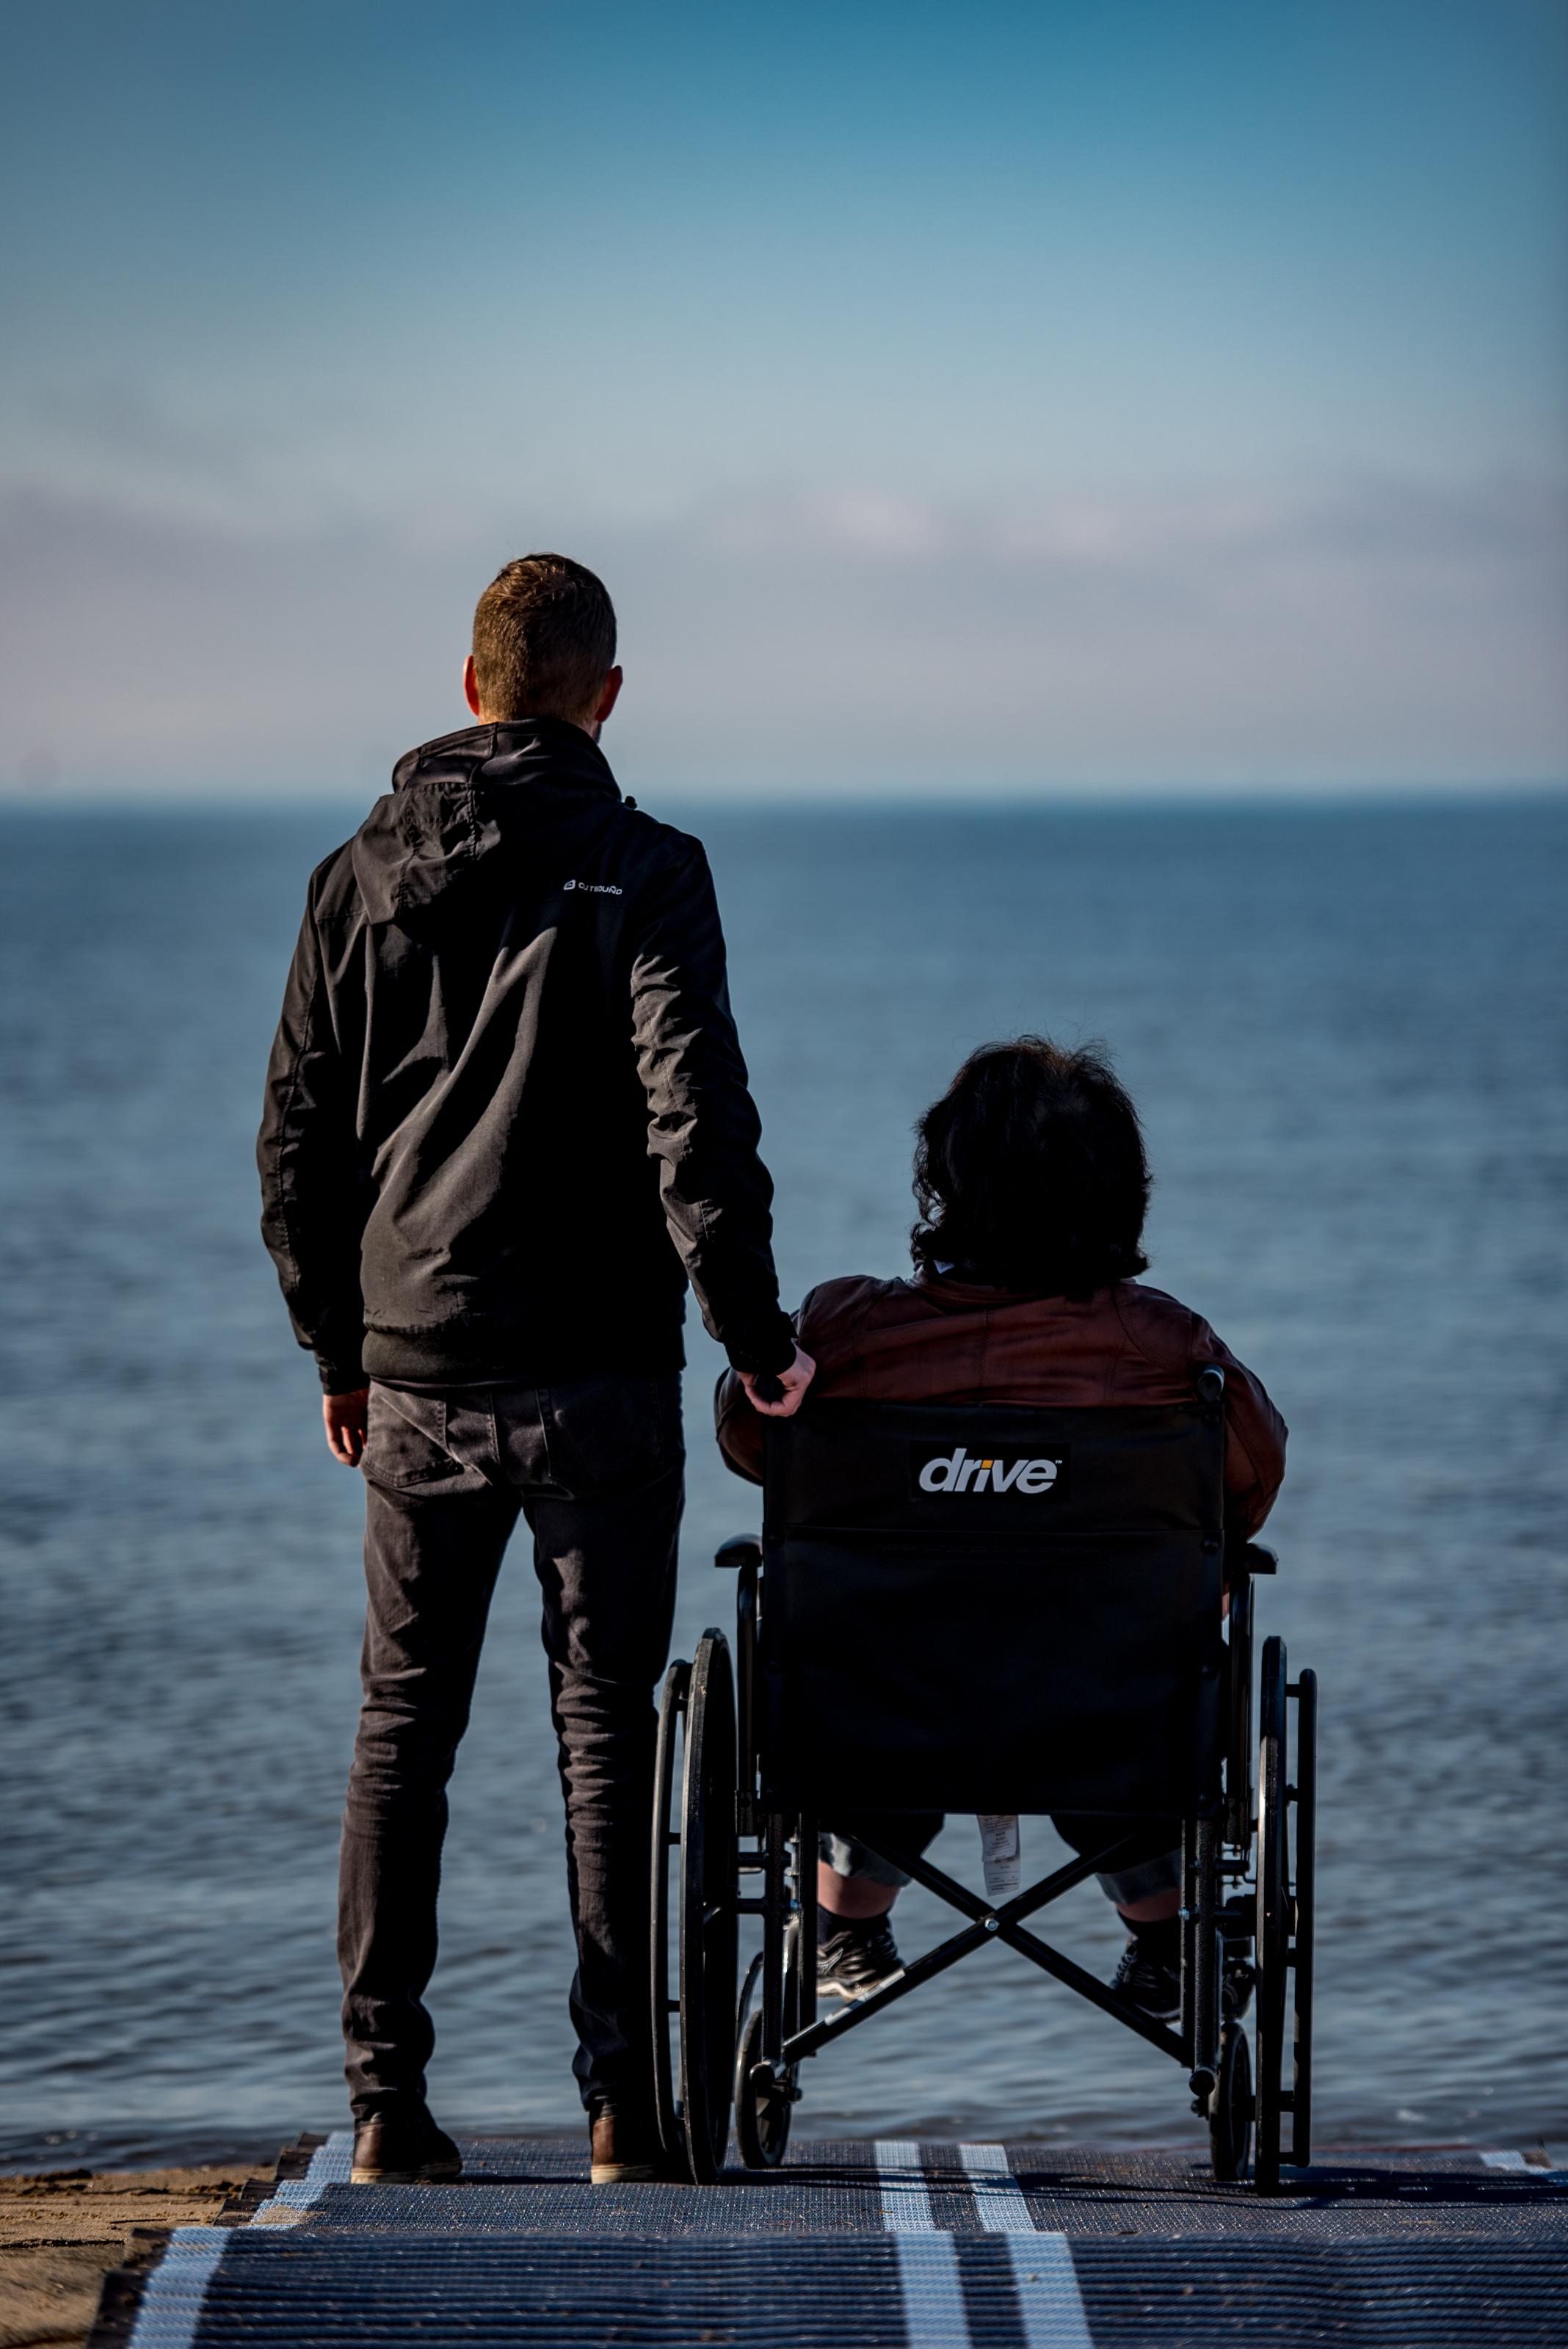 Un homme, sur une plage, se tient debout à côté d'une femme en fauteuil roulant, une main tenant la poignée du fauteuil. Tous font face à une étendue d'eau.